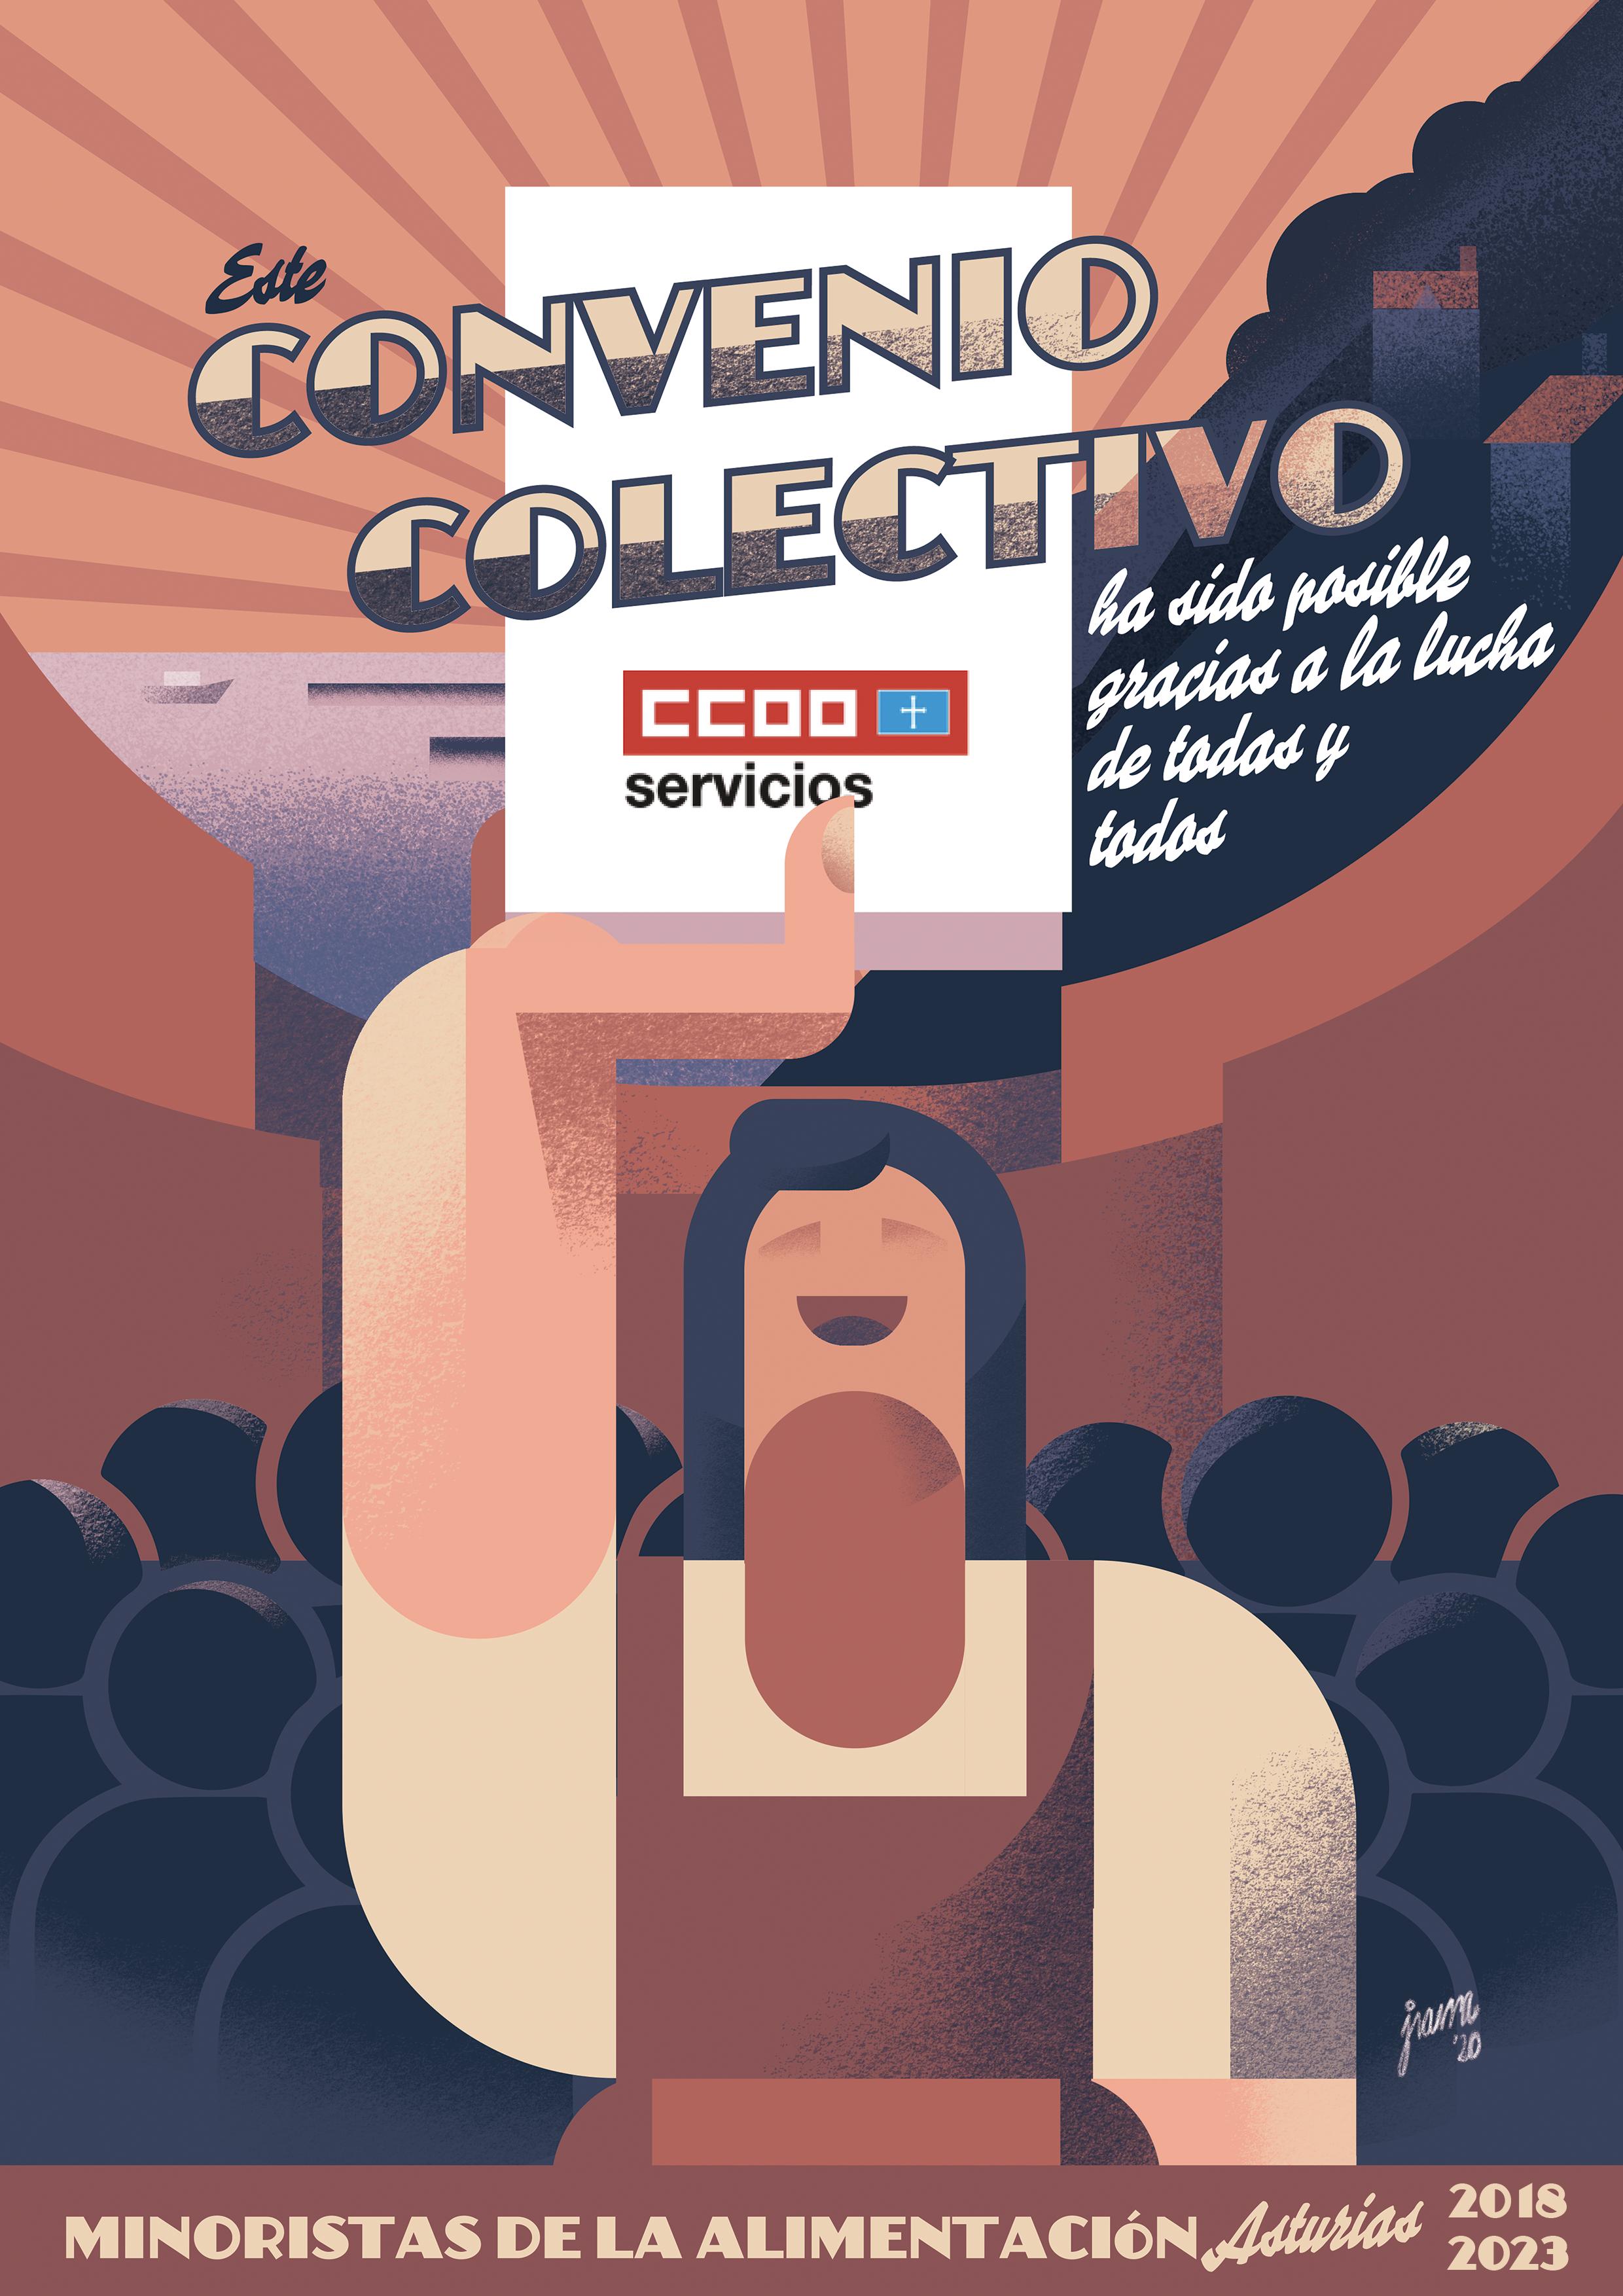 CONVENIO-CCOO-REDES